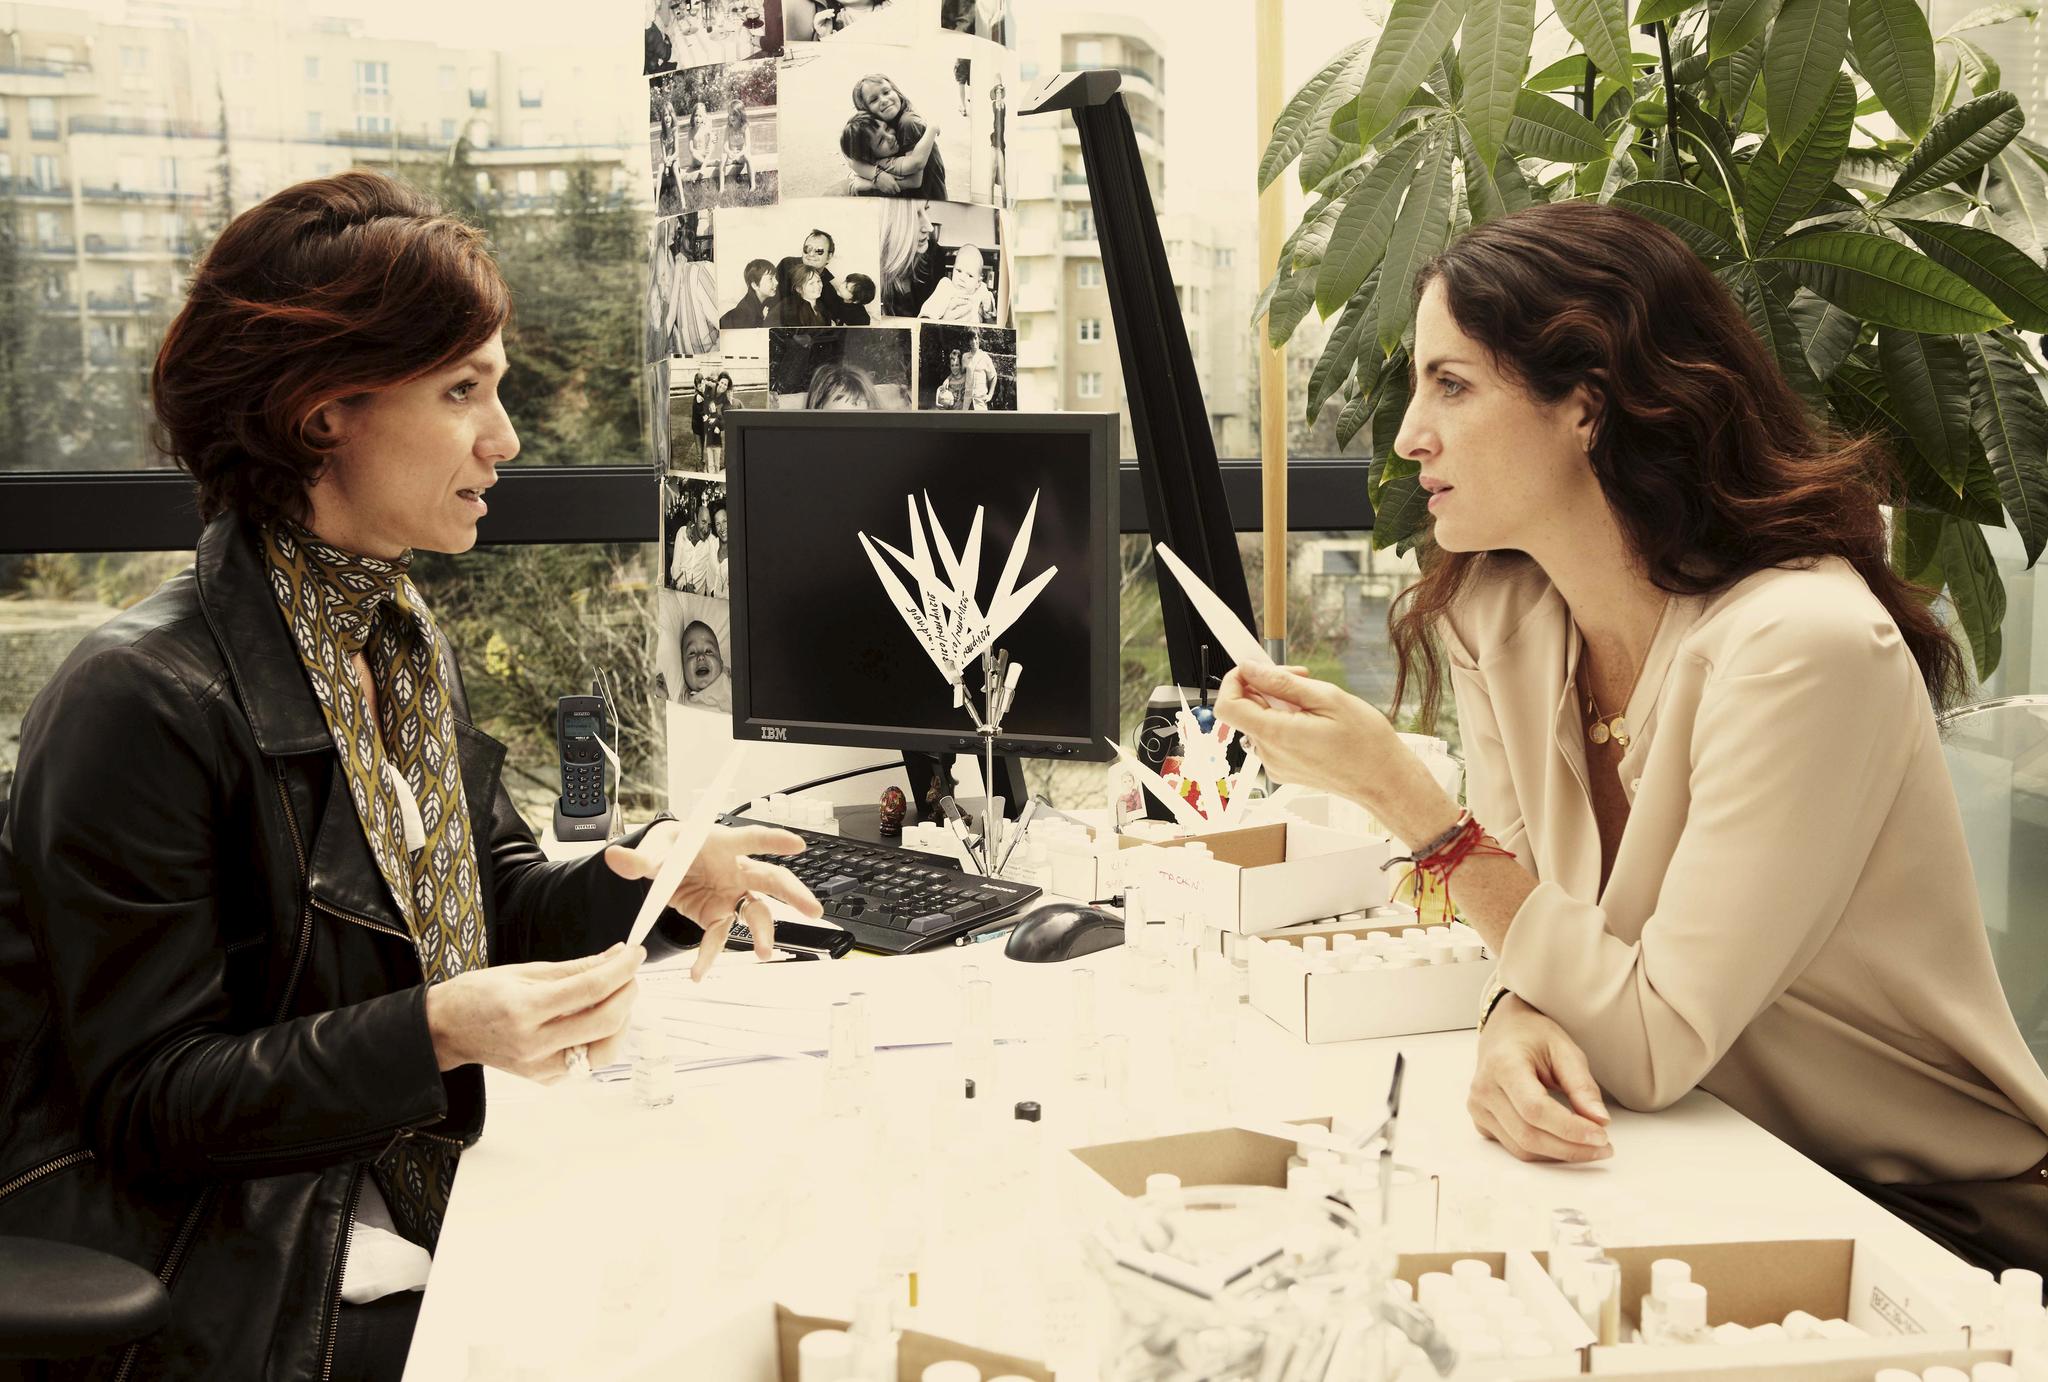 Desde 1988 Puig distribuye los perfumes Carolina Herrera. En la imagen, la directora de fragancias Carolina Adriana Herrera.